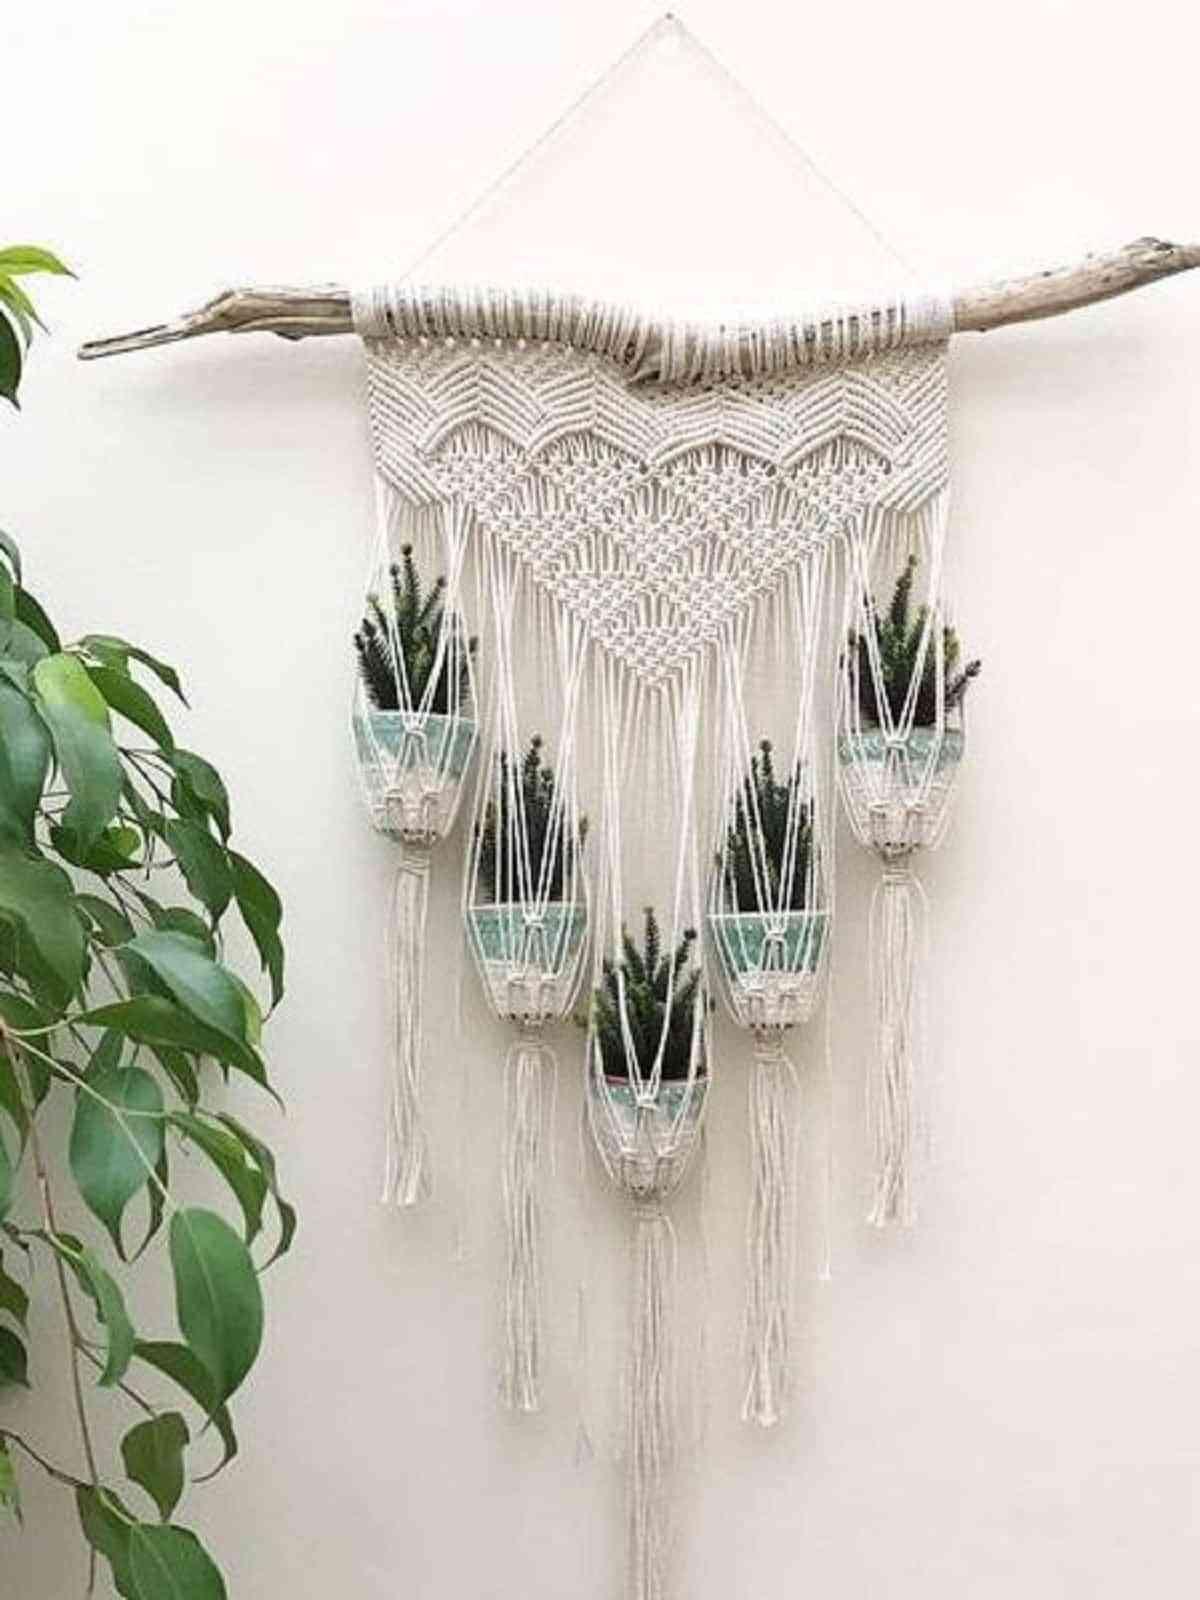 Las plantas colocadas de todas maneras decorando el espacio , no pueden faltar en el estilo boho.